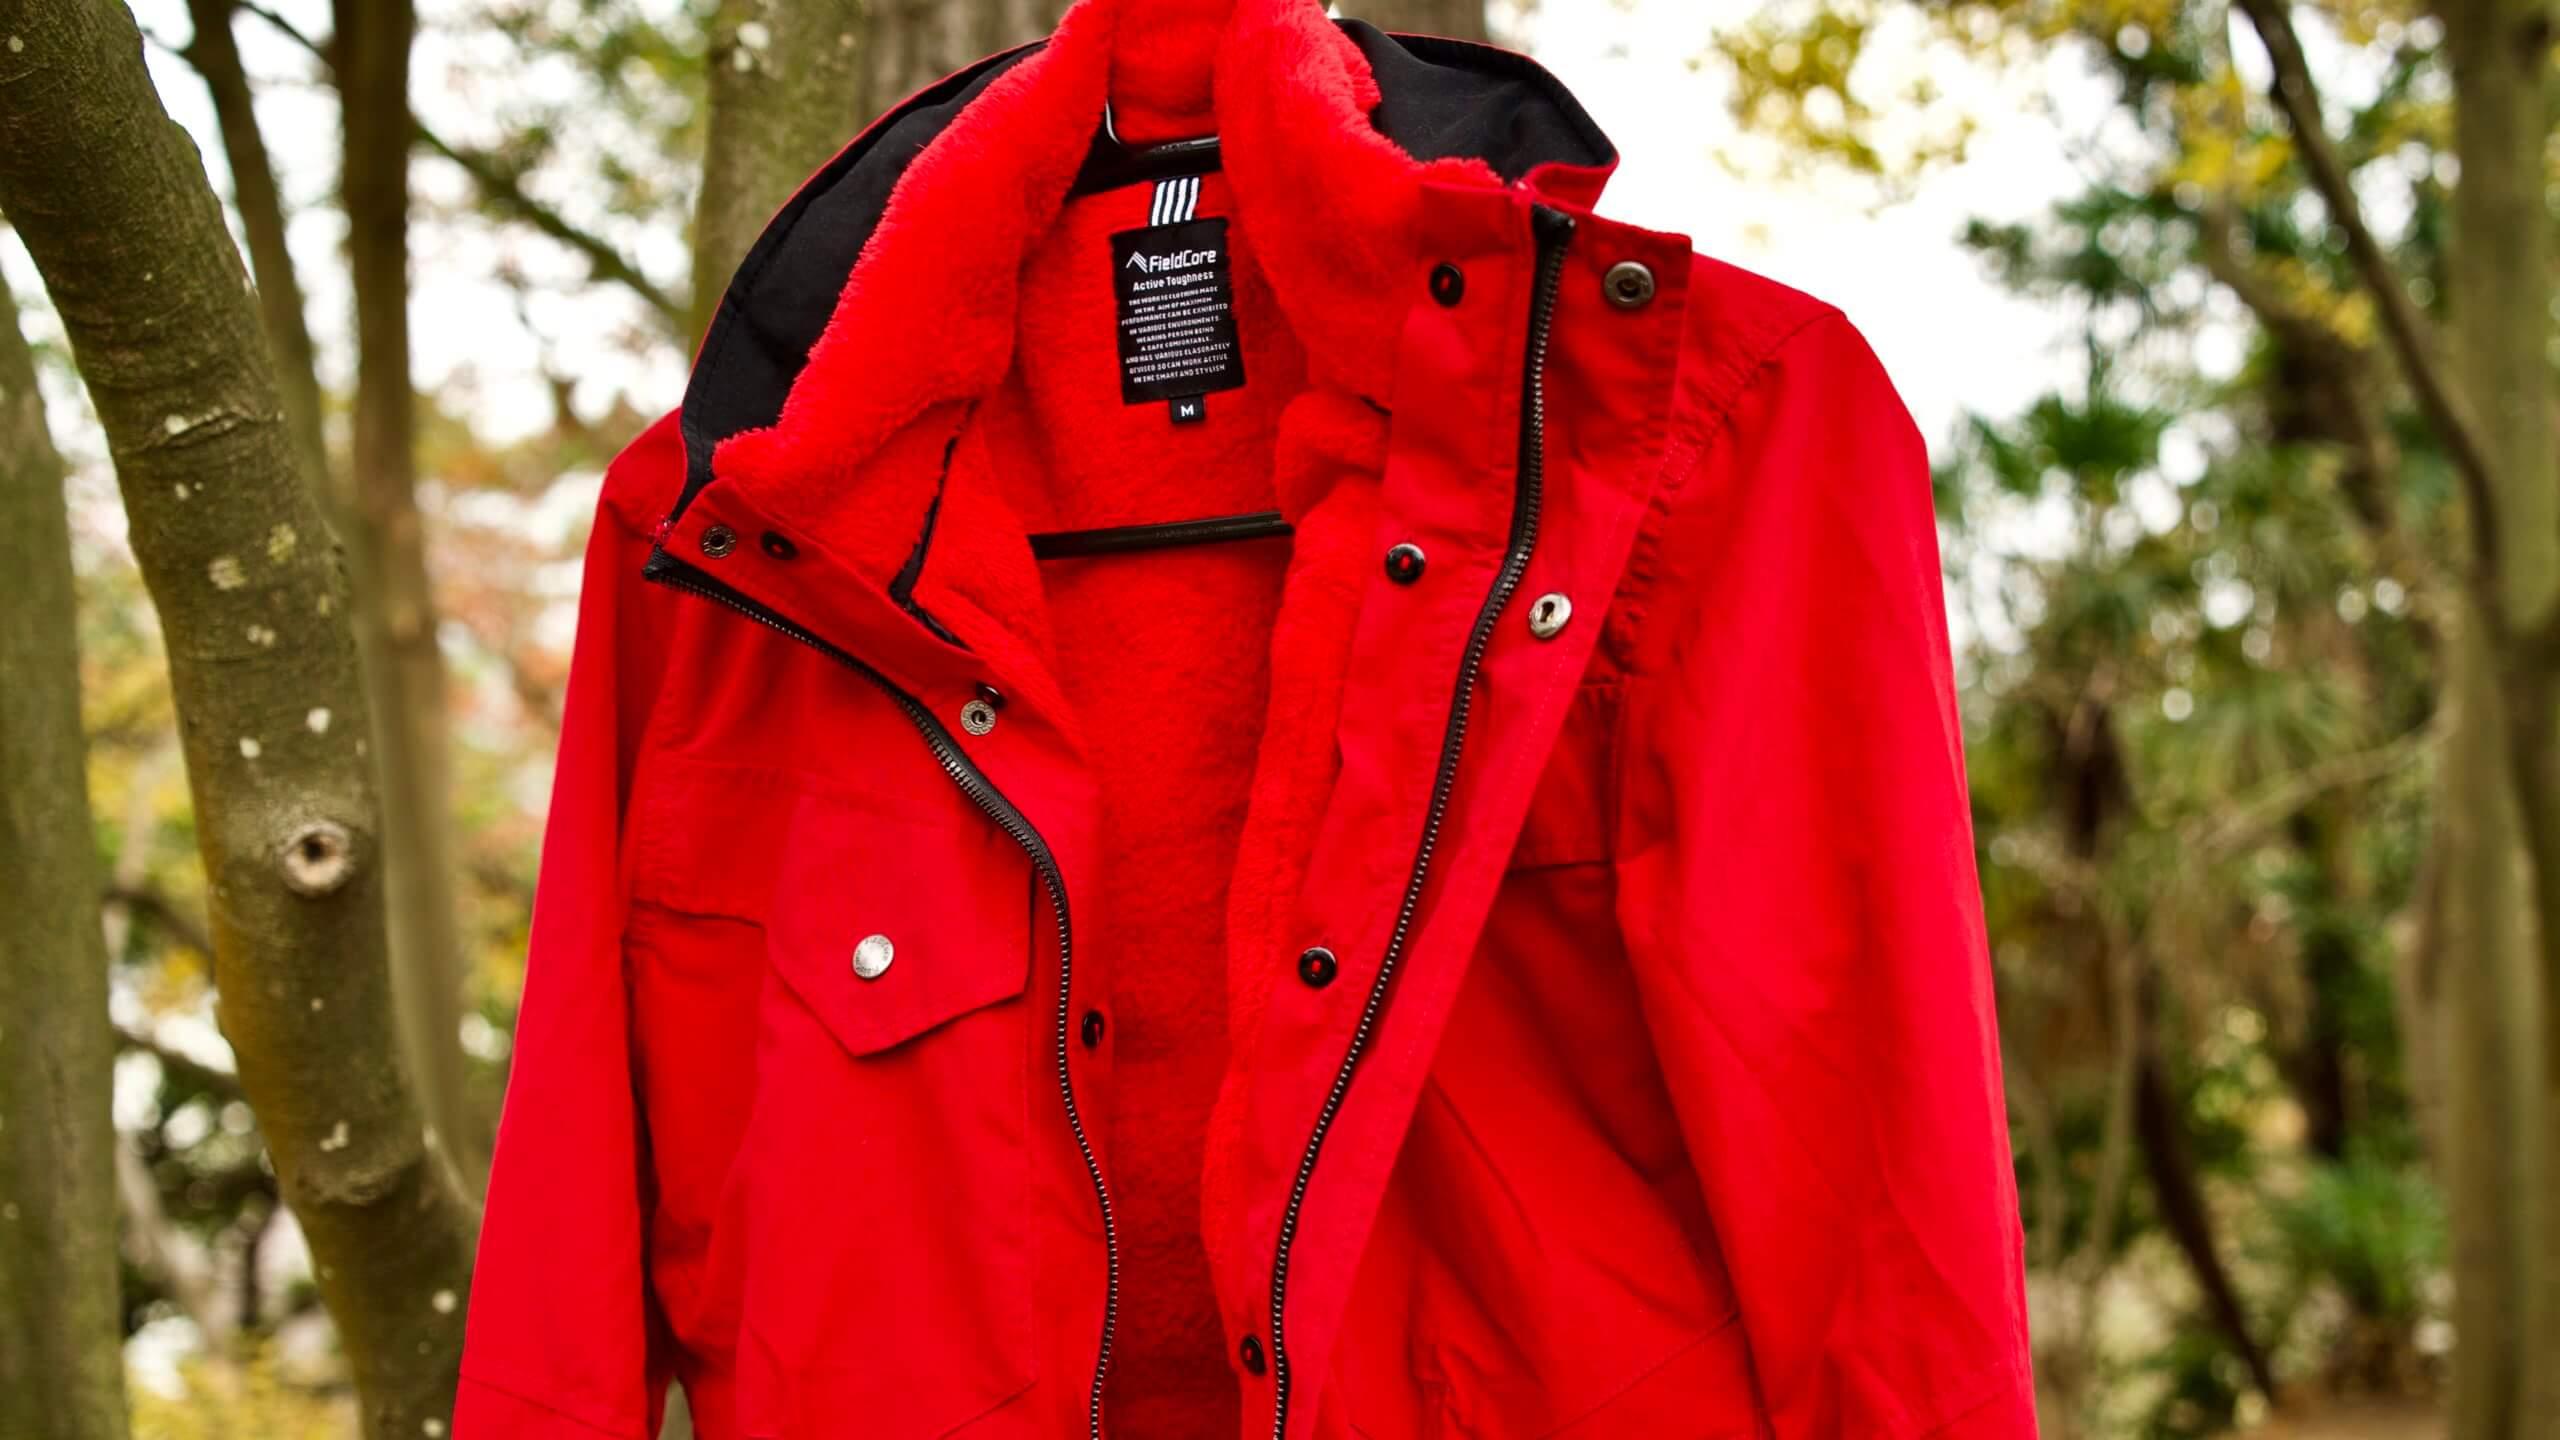 アンバサダーがワークマンの秋冬新作をチェック!【7】組み合わせ次第で3WAY。使い方自由自在なジャケット&フリースベストは買い!?